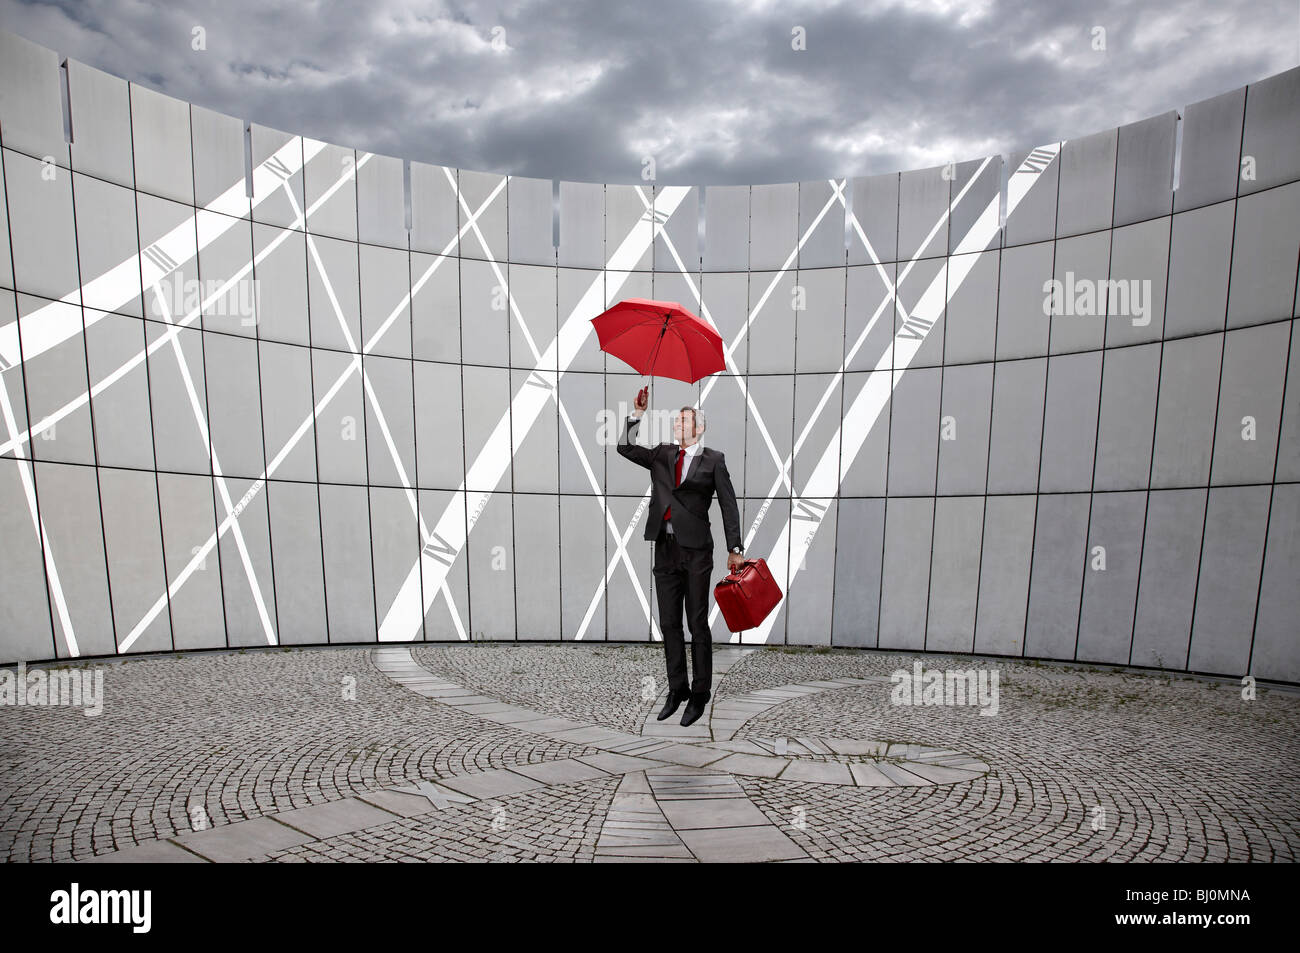 Empresario con maleta roja y un paraguas saltar Imagen De Stock